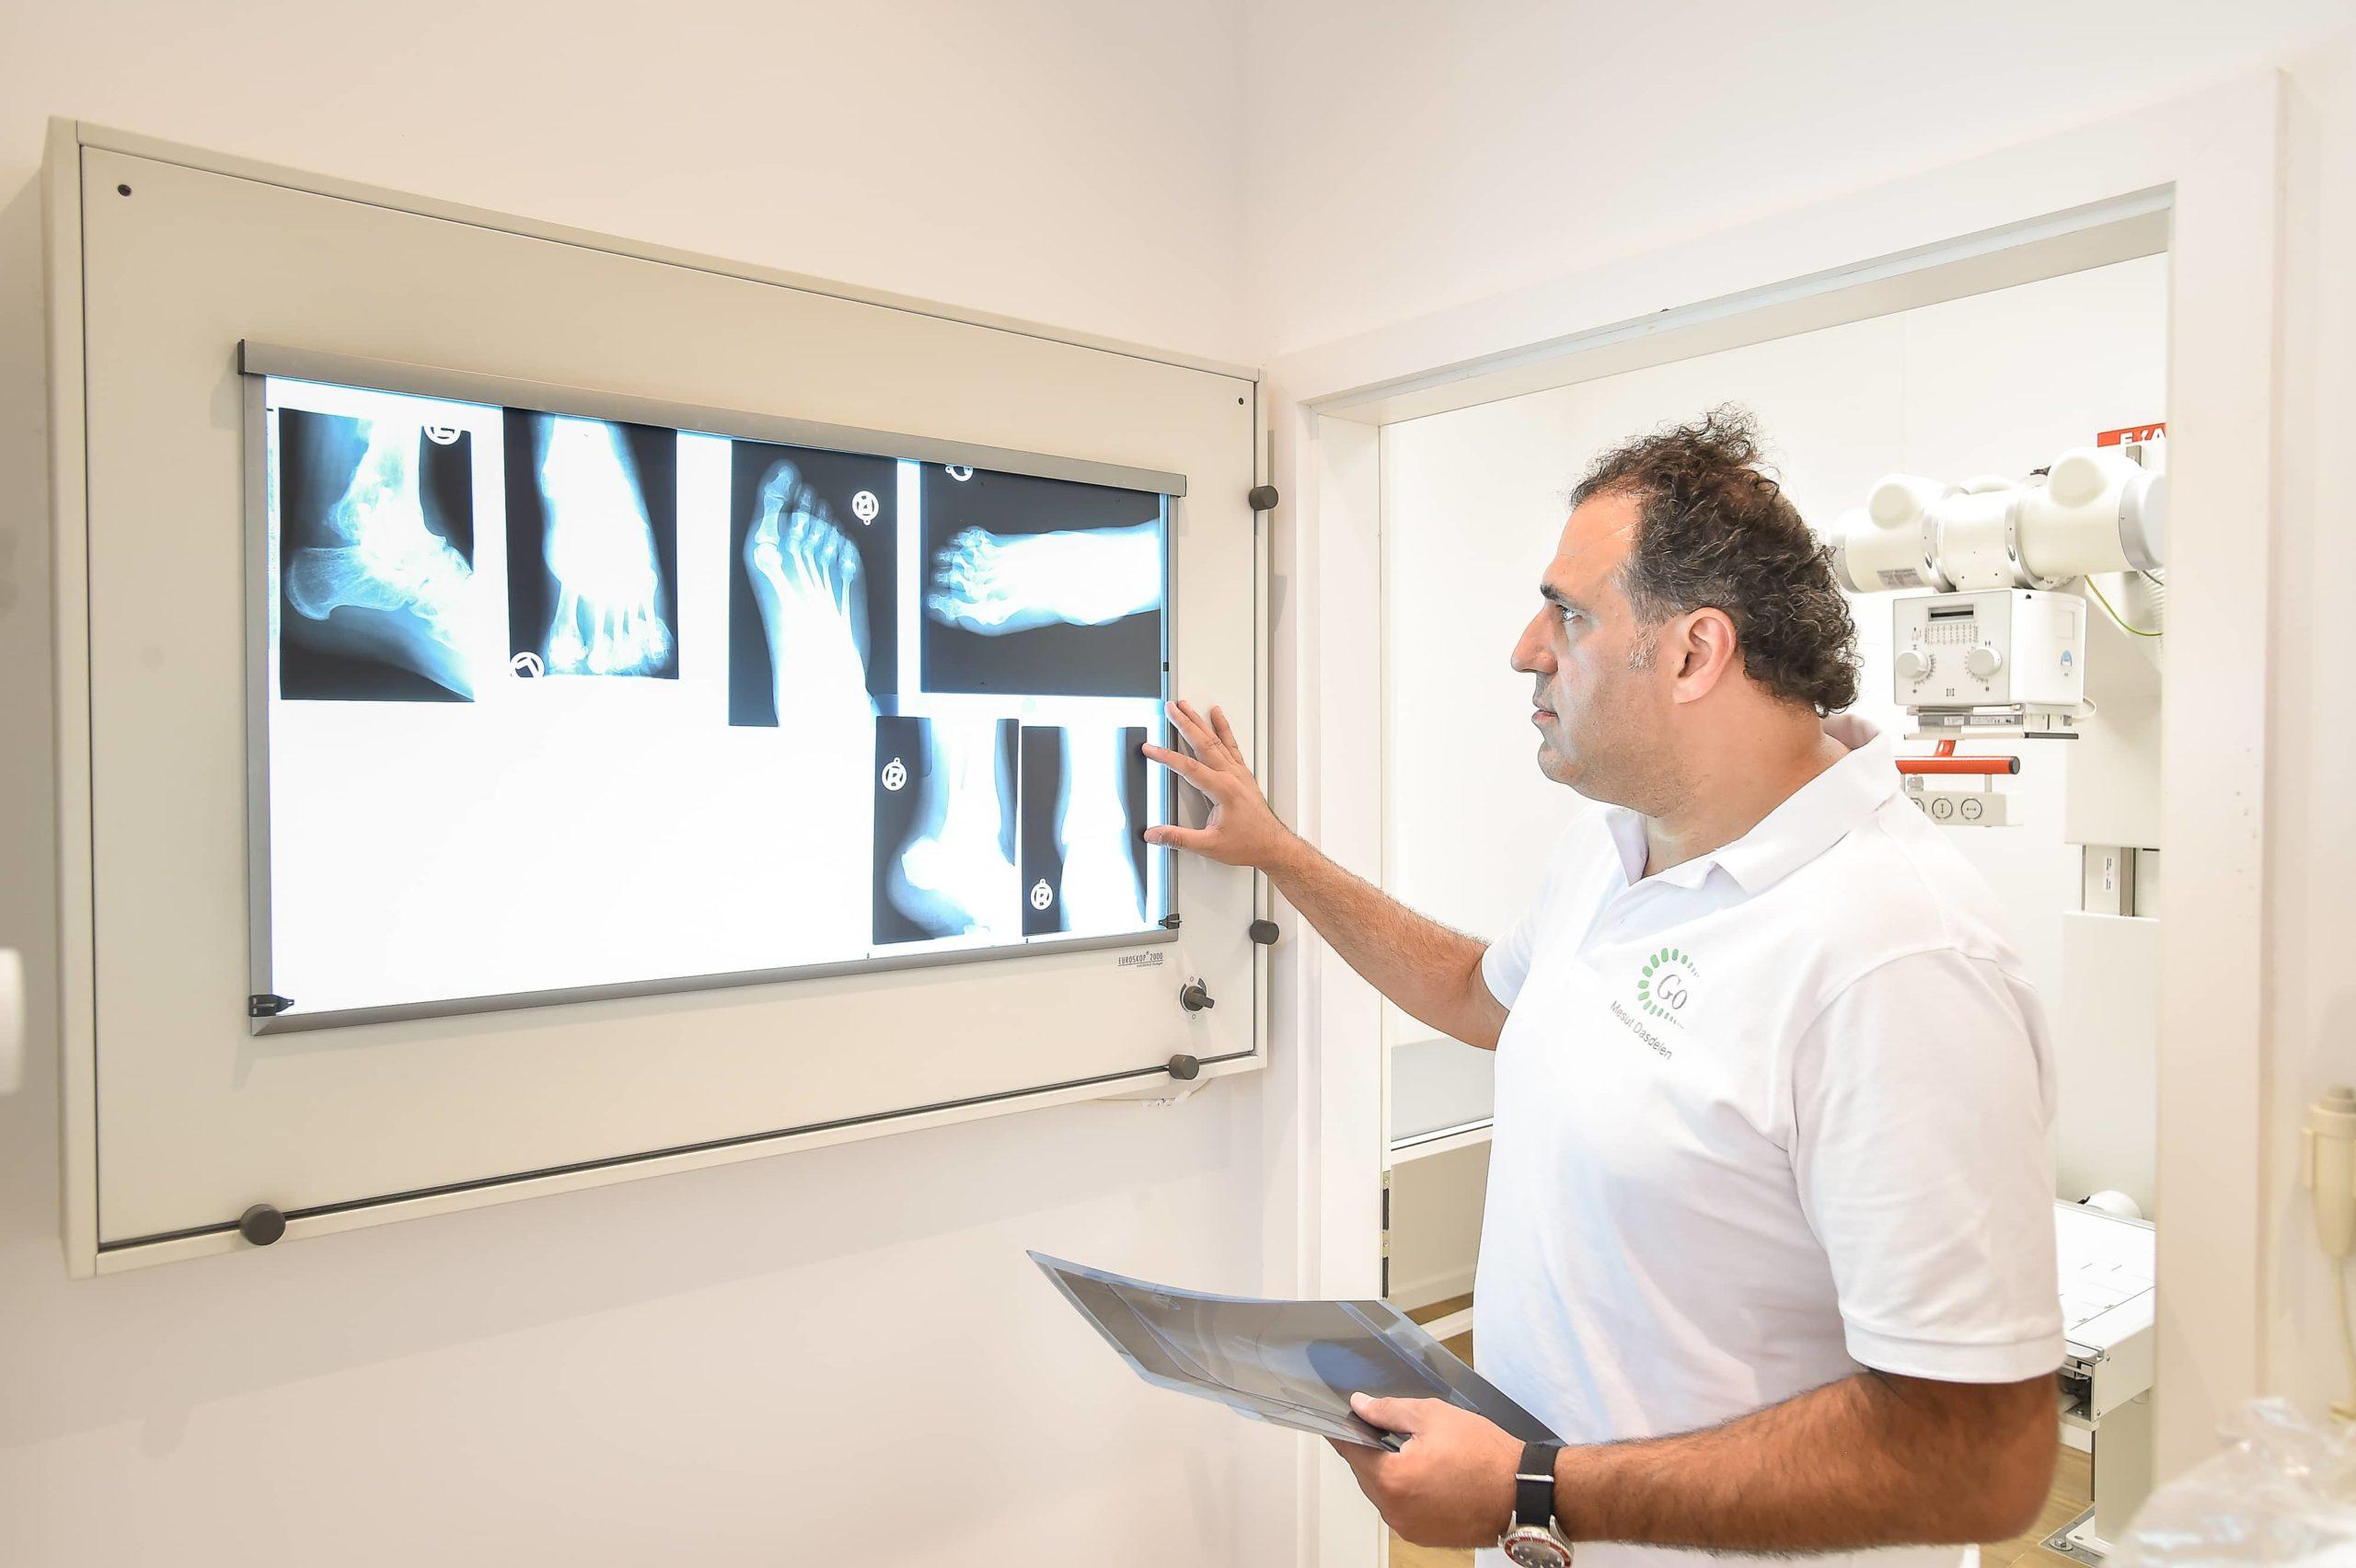 Röntgenbild eines Fußes - Gerber Orthopädie Stuttgart Mitte